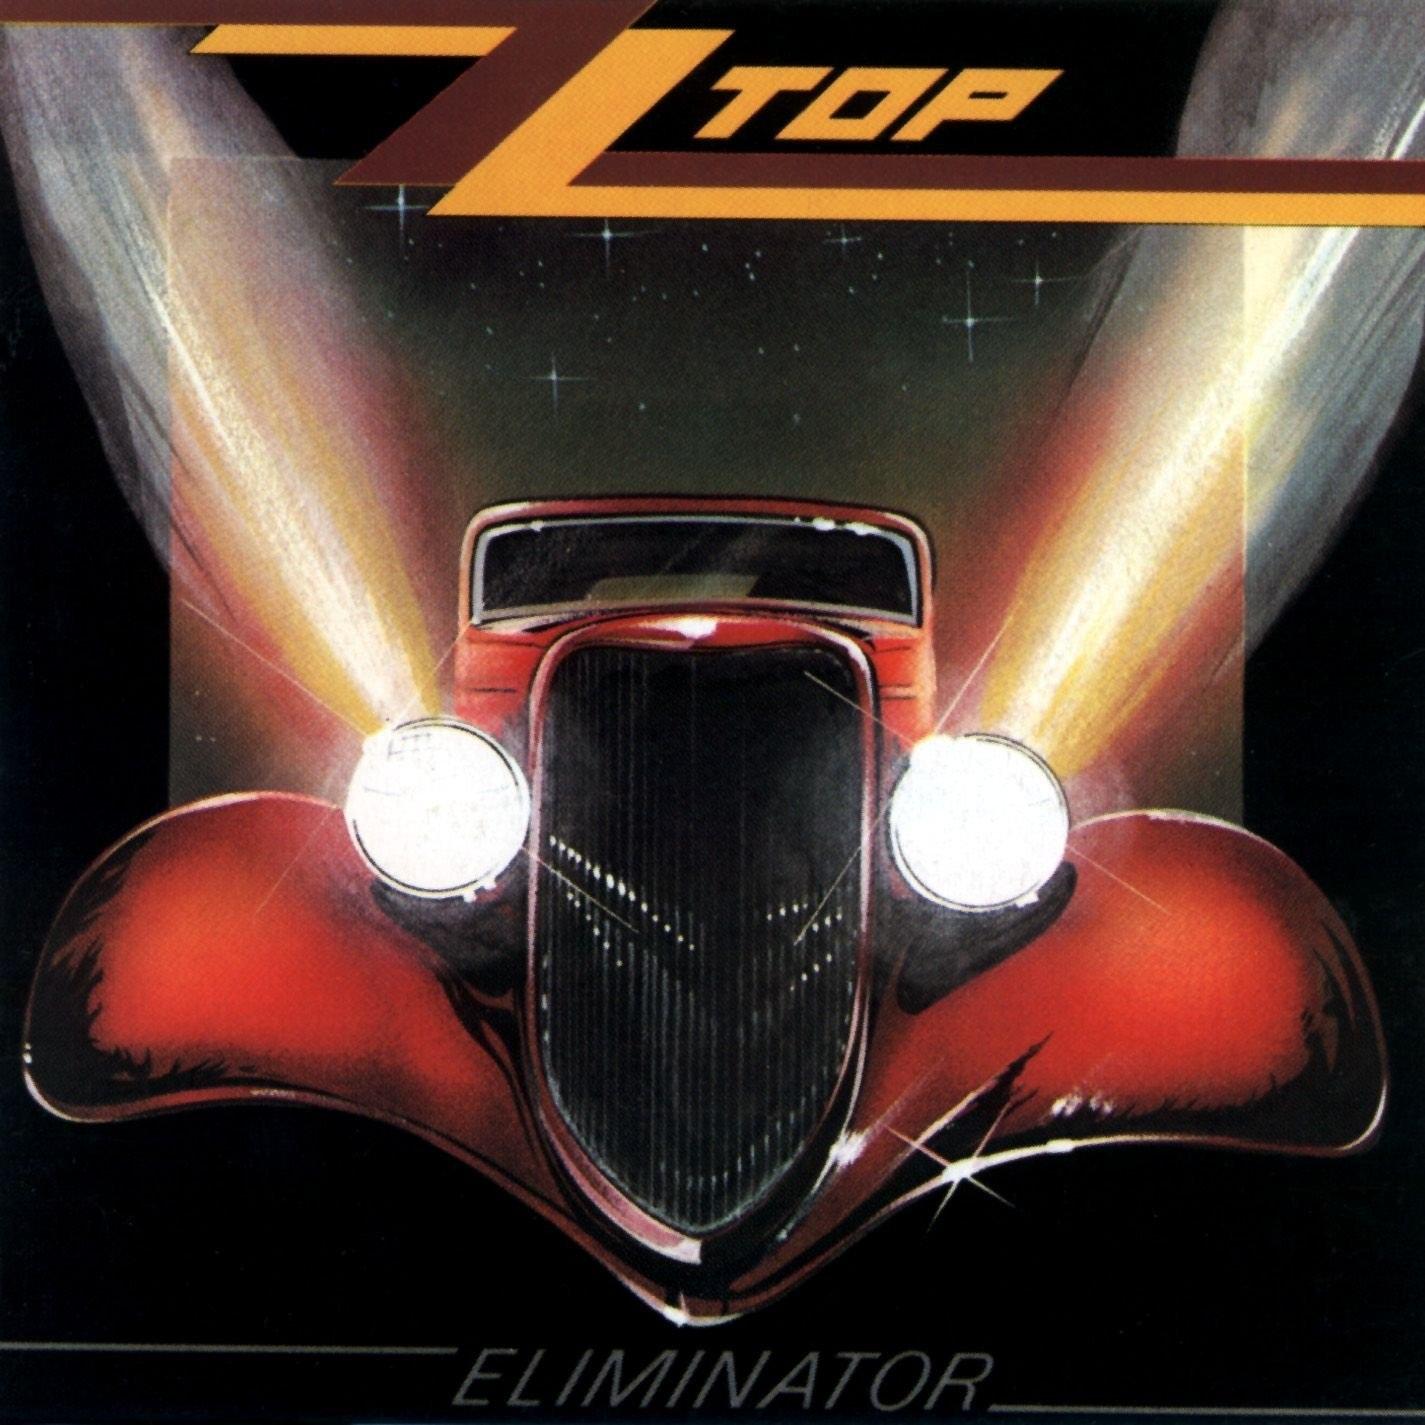 Zz Top: Eliminator (LP)Представляем вашему вниманию Zz Top: Eliminator, переиздание альбома, благодаря которому американские блюз-рокеры ZZ Top получили мировую славу!<br>